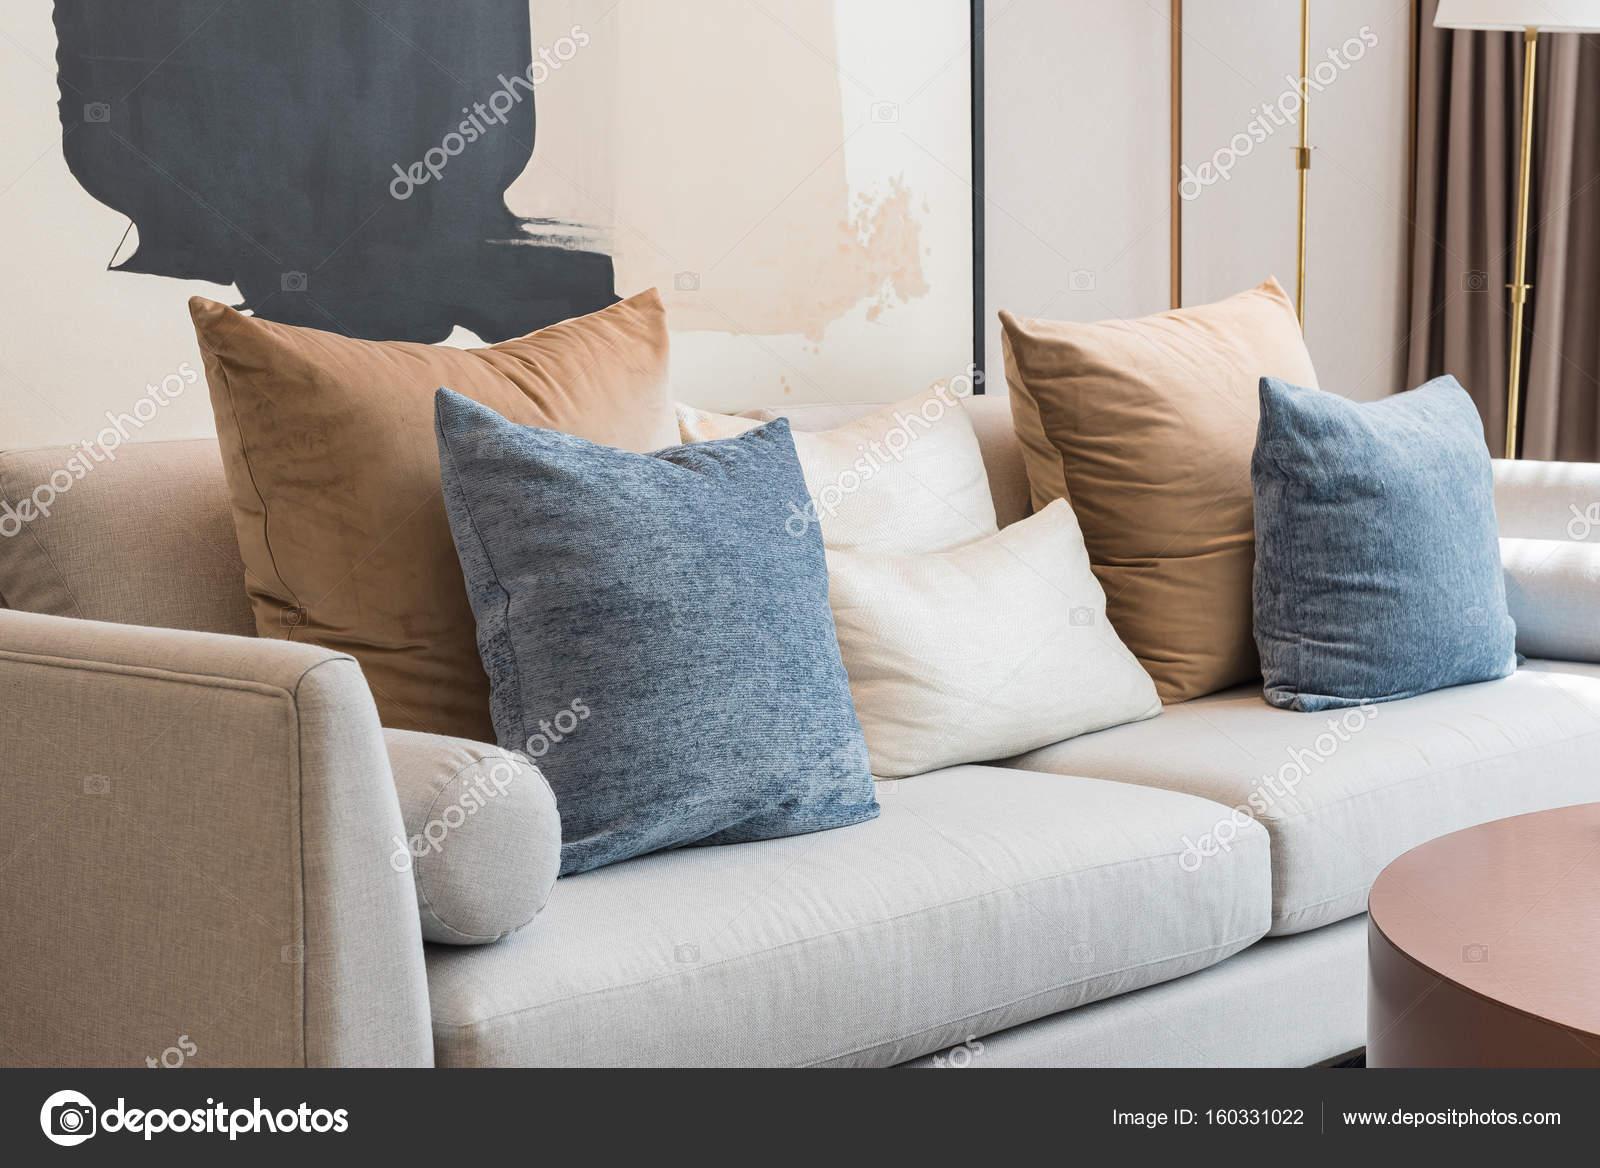 Perfekt Modernes Wohnzimmer Mit Kissen Auf Sofa U2014 Stockfoto